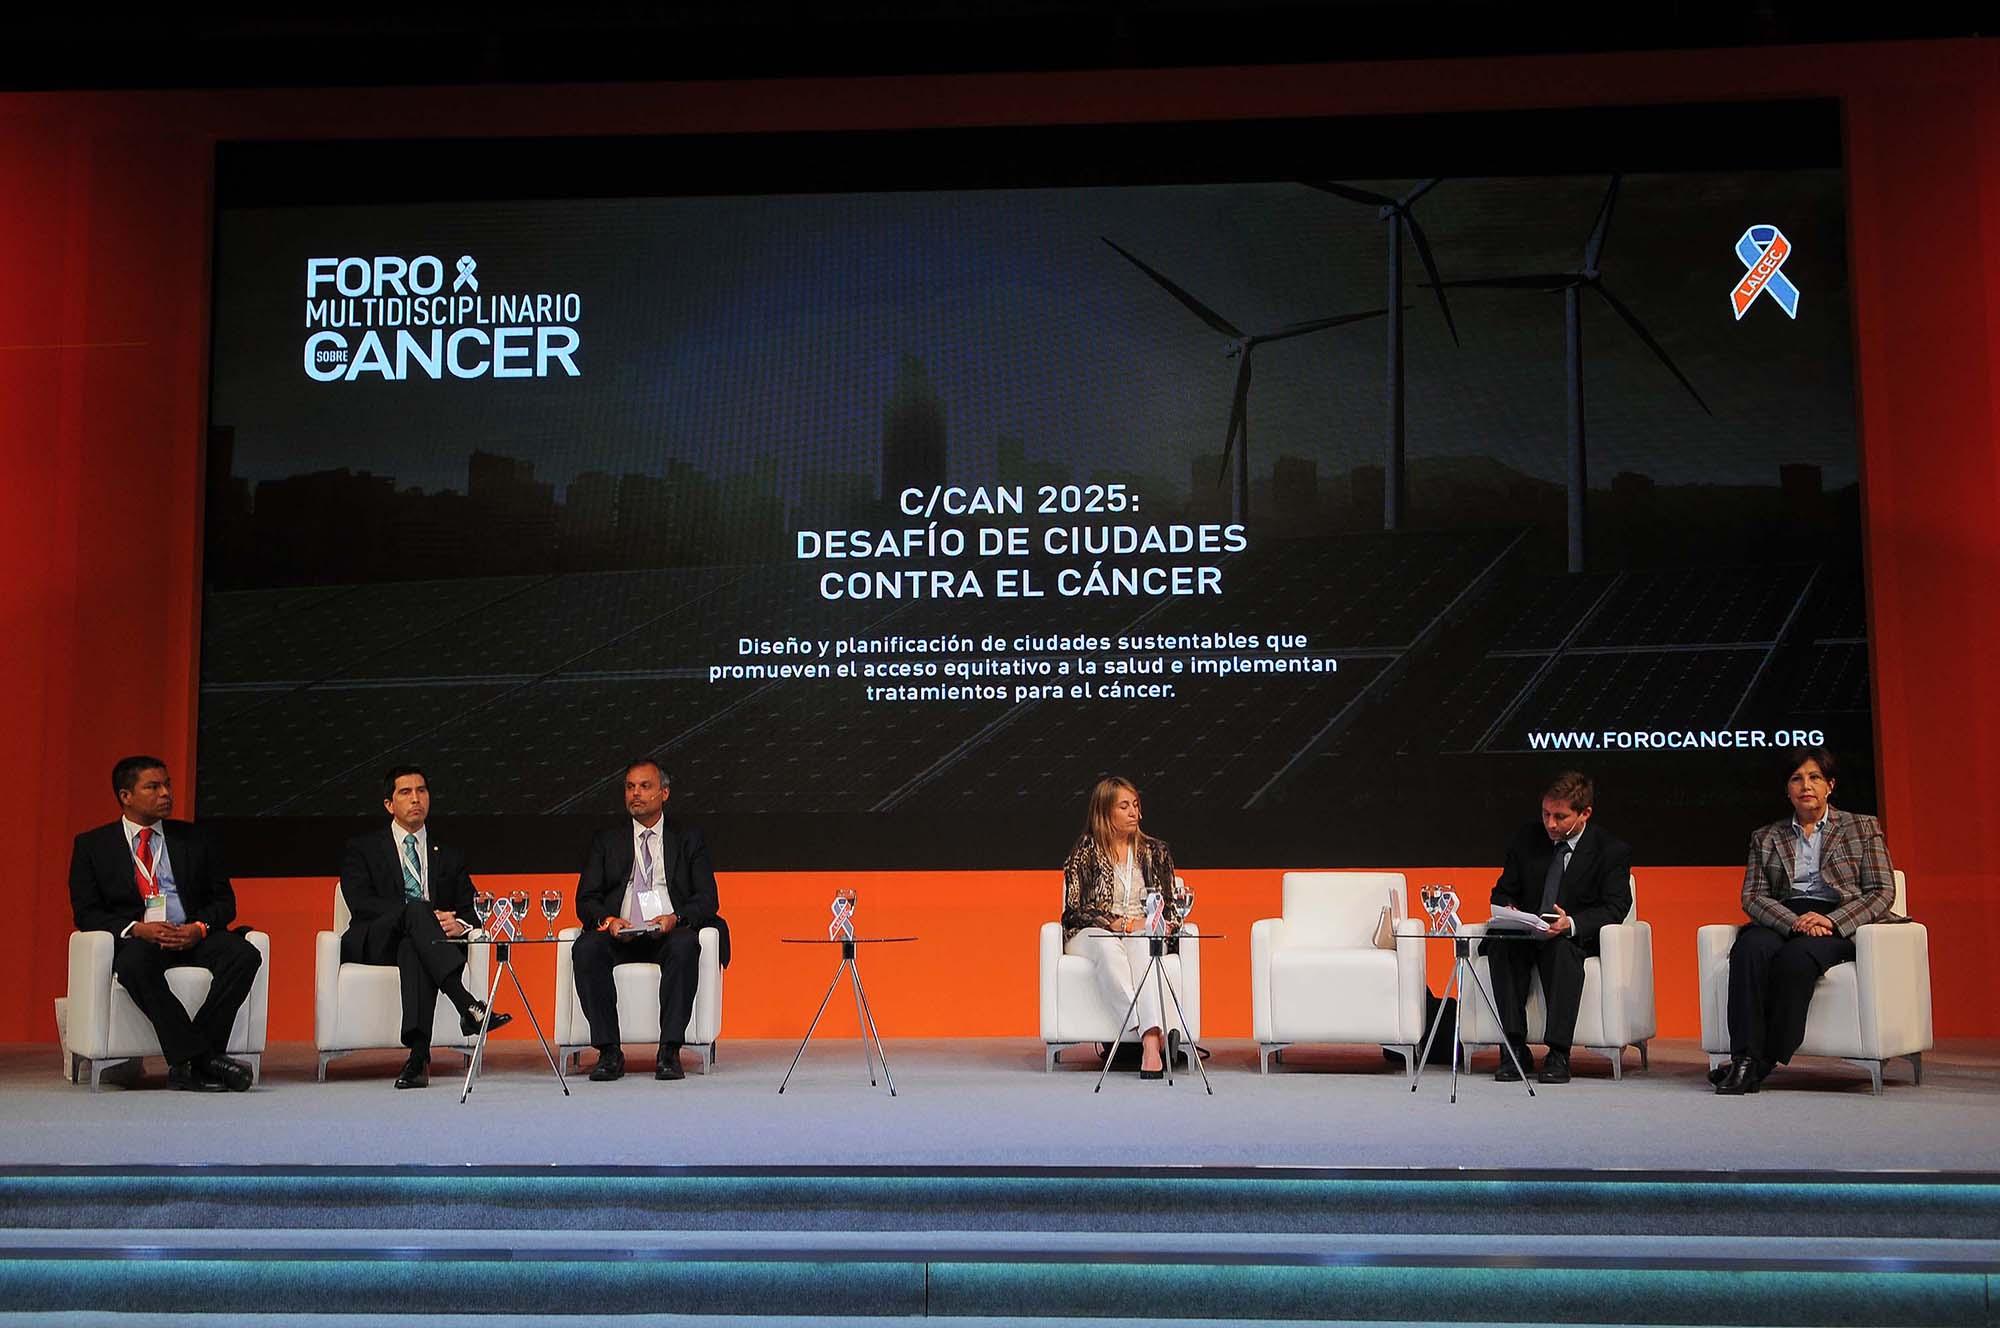 2 C CAN 2025 desafío de ciudades con